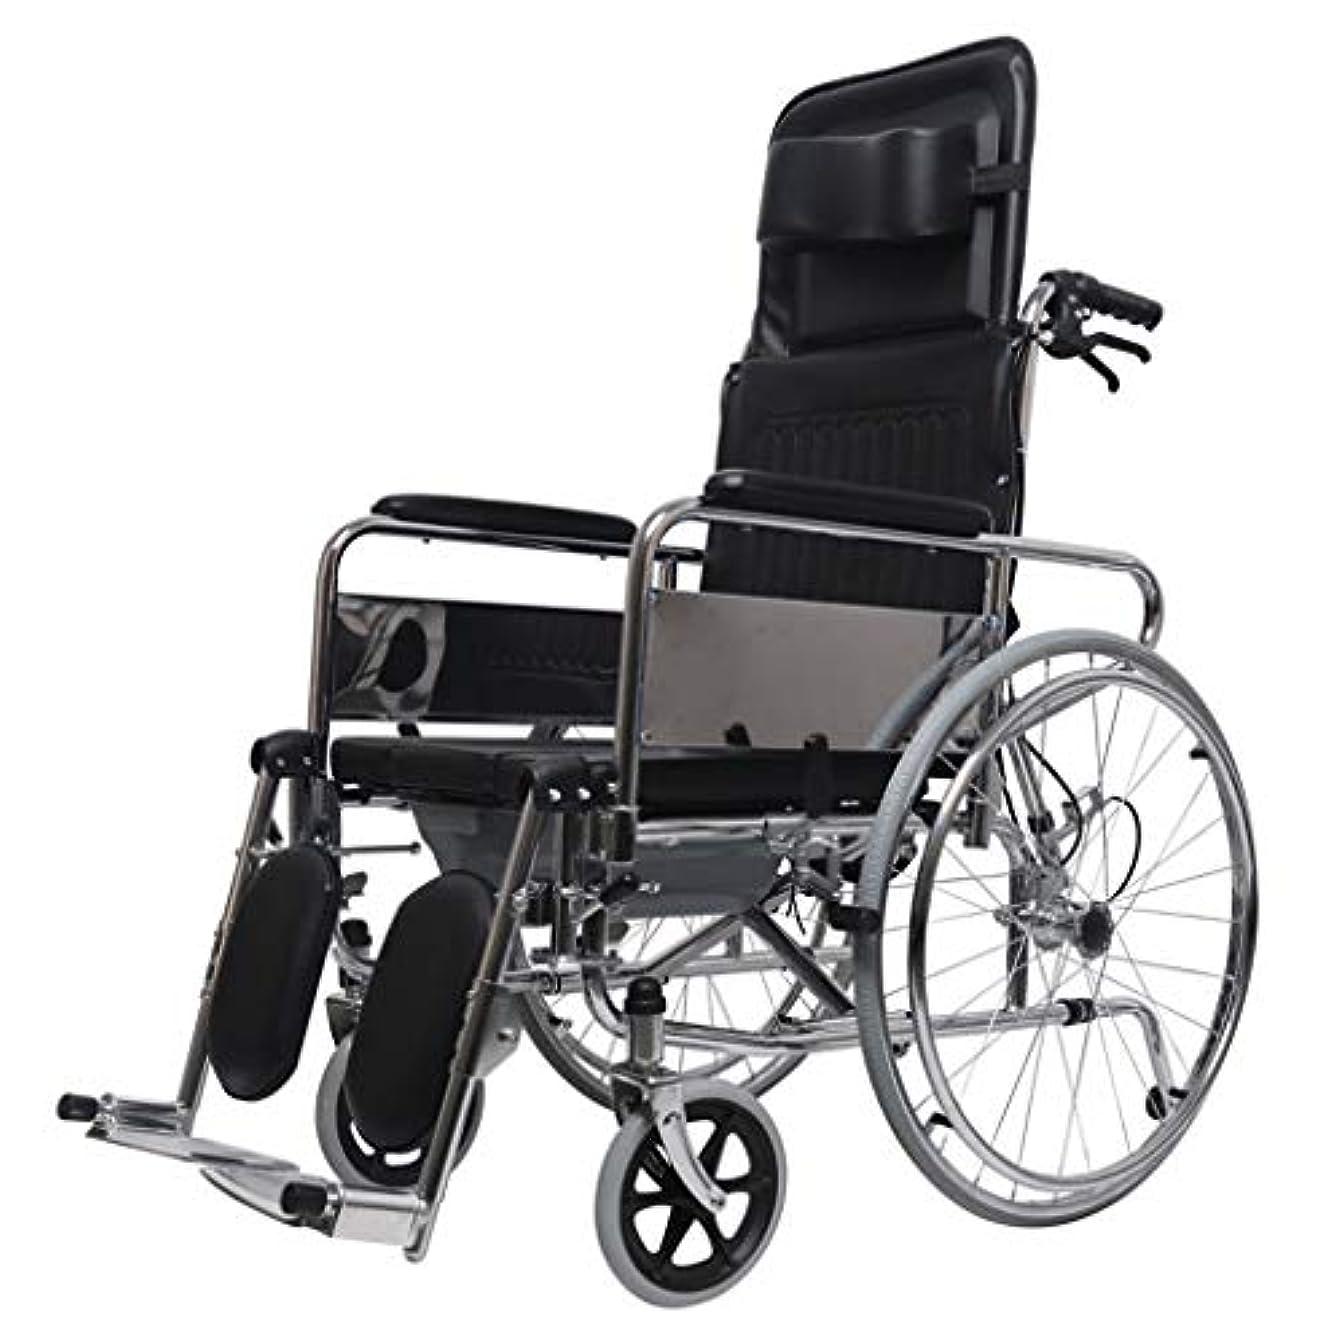 豊富付添人パブ車椅子トロリー、ブレーキ付き多機能折りたたみ、高齢者向け車椅子、屋外旅行、優れたヘルパー